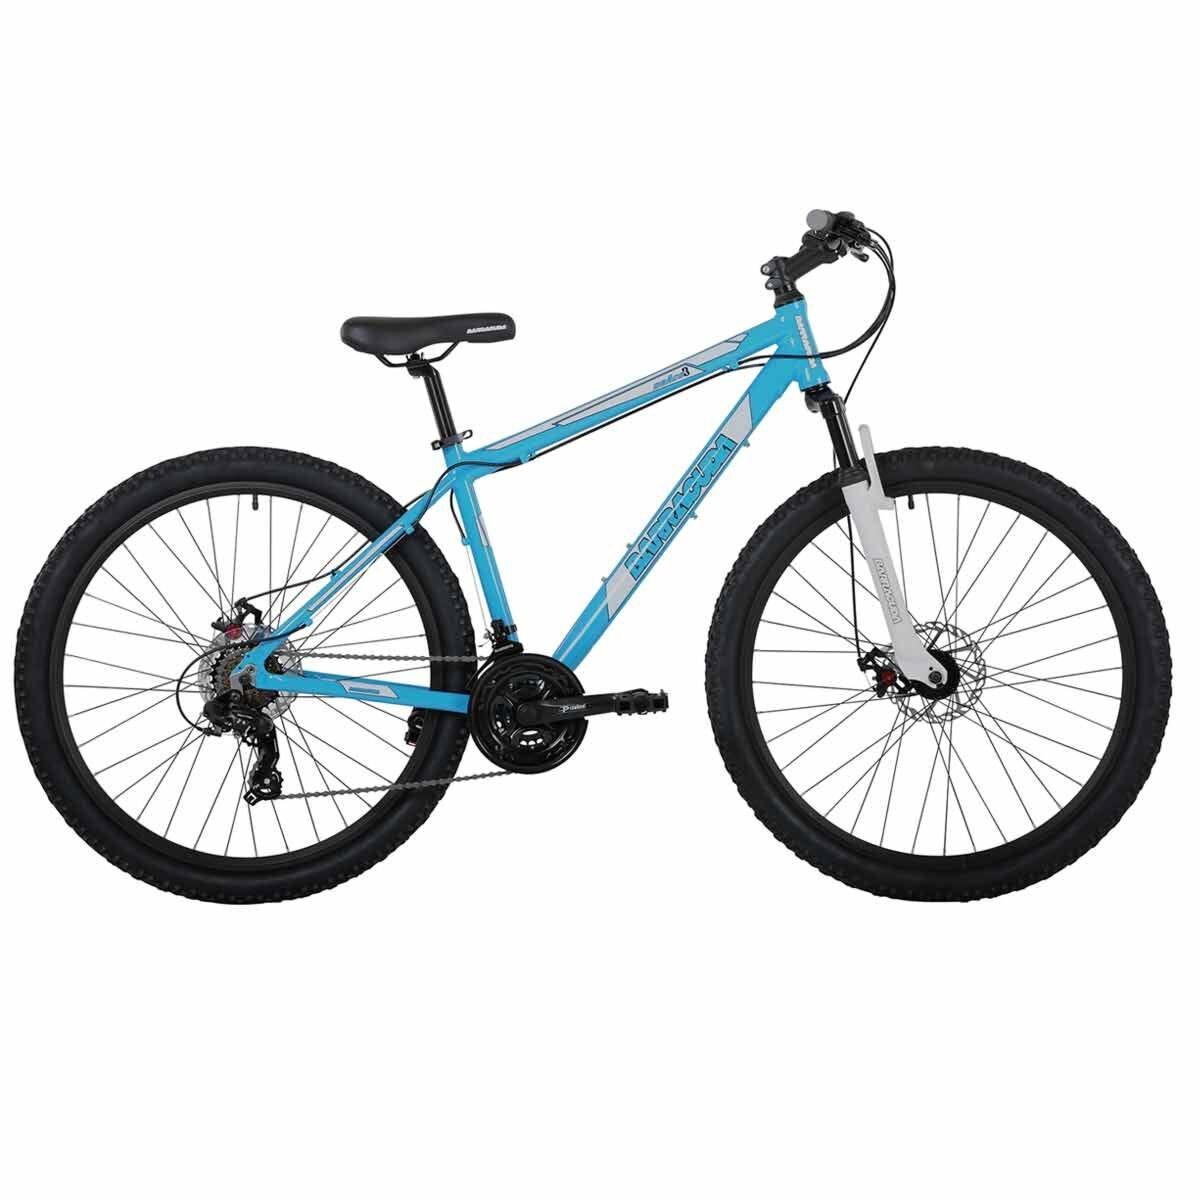 Barracuda Draco 3 Adult Mountain Bike 15 Inch Frame